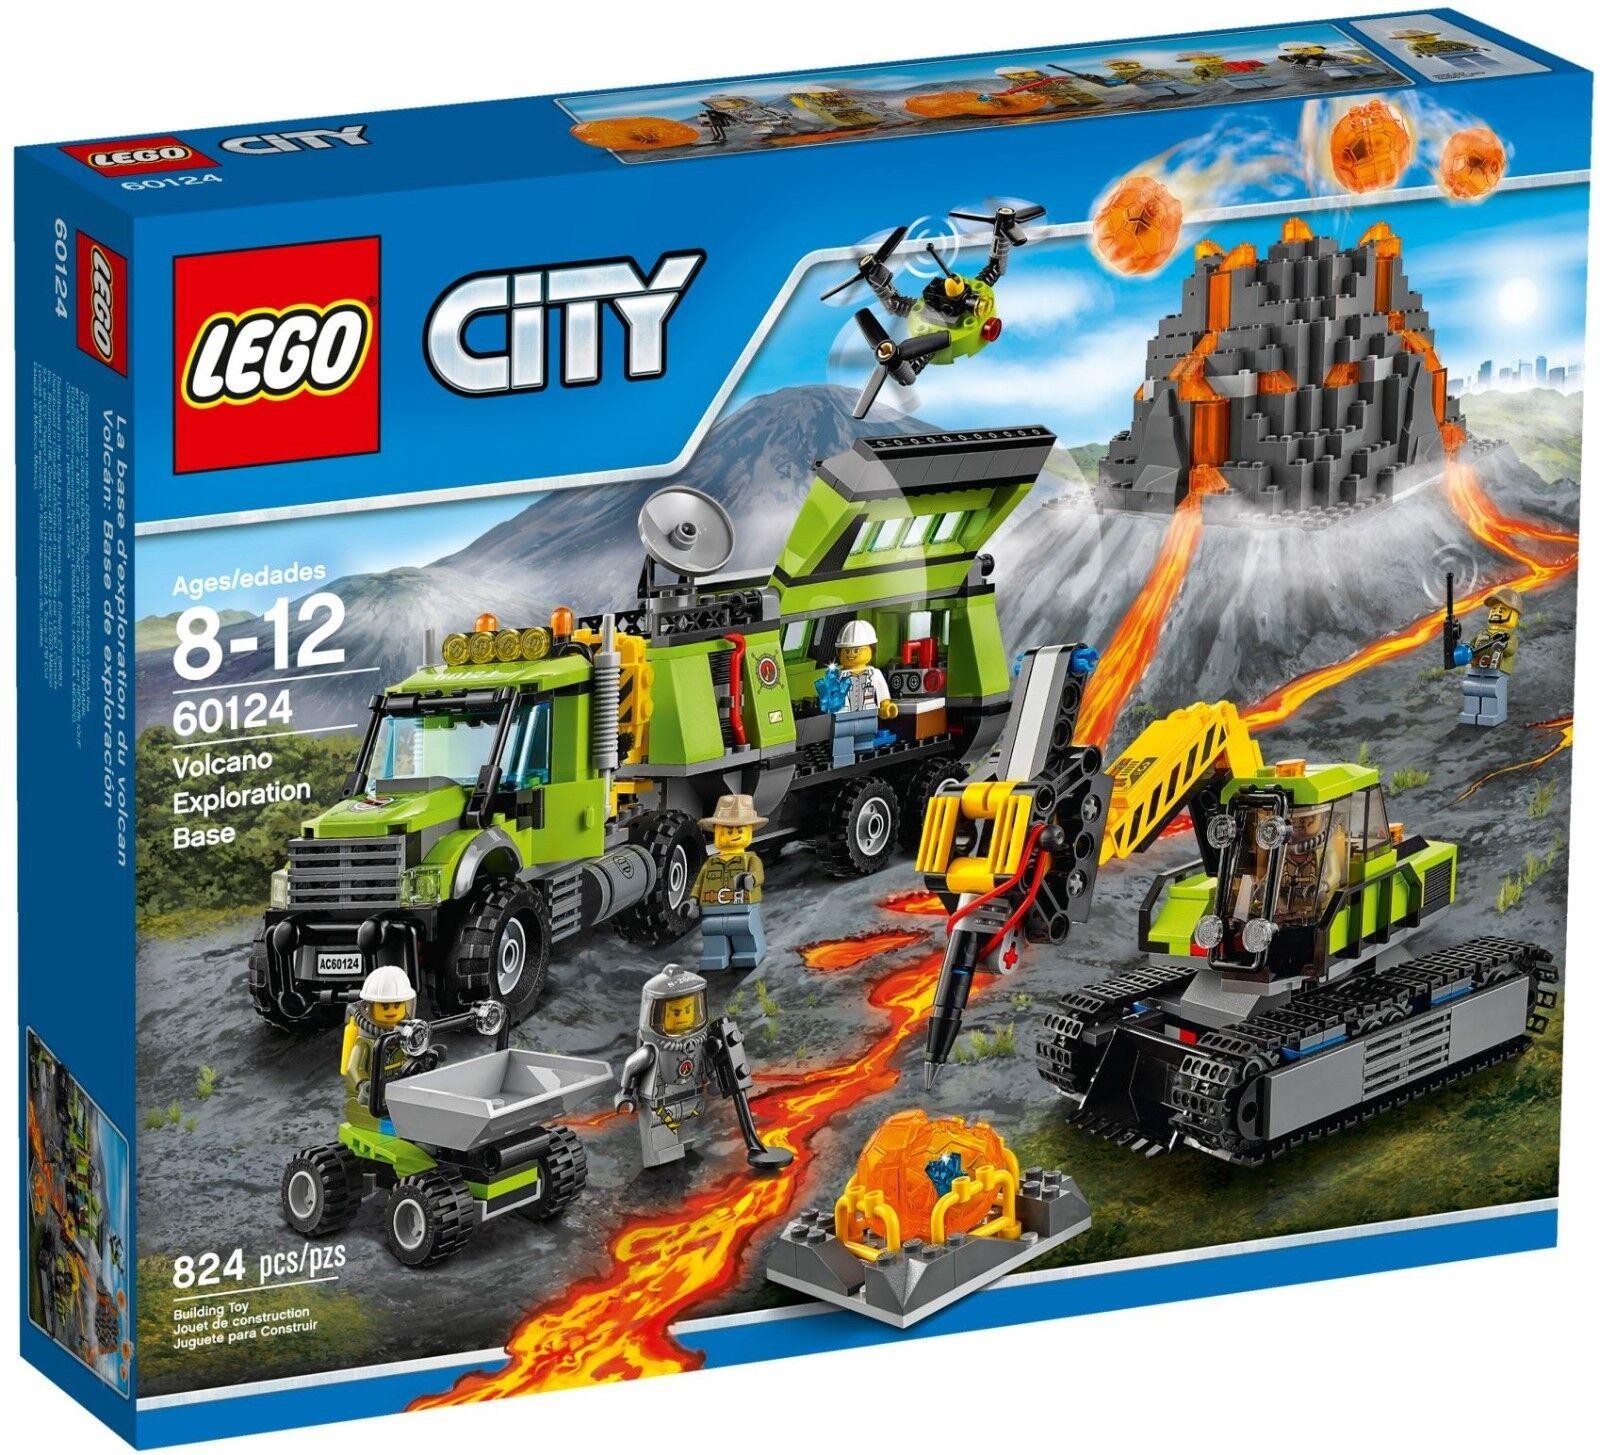 LEGO CITY VULCANO esplorazione base 60124 NUOVO IN SCATOLA SIGILLATA * lo stesso giorno spedizione *